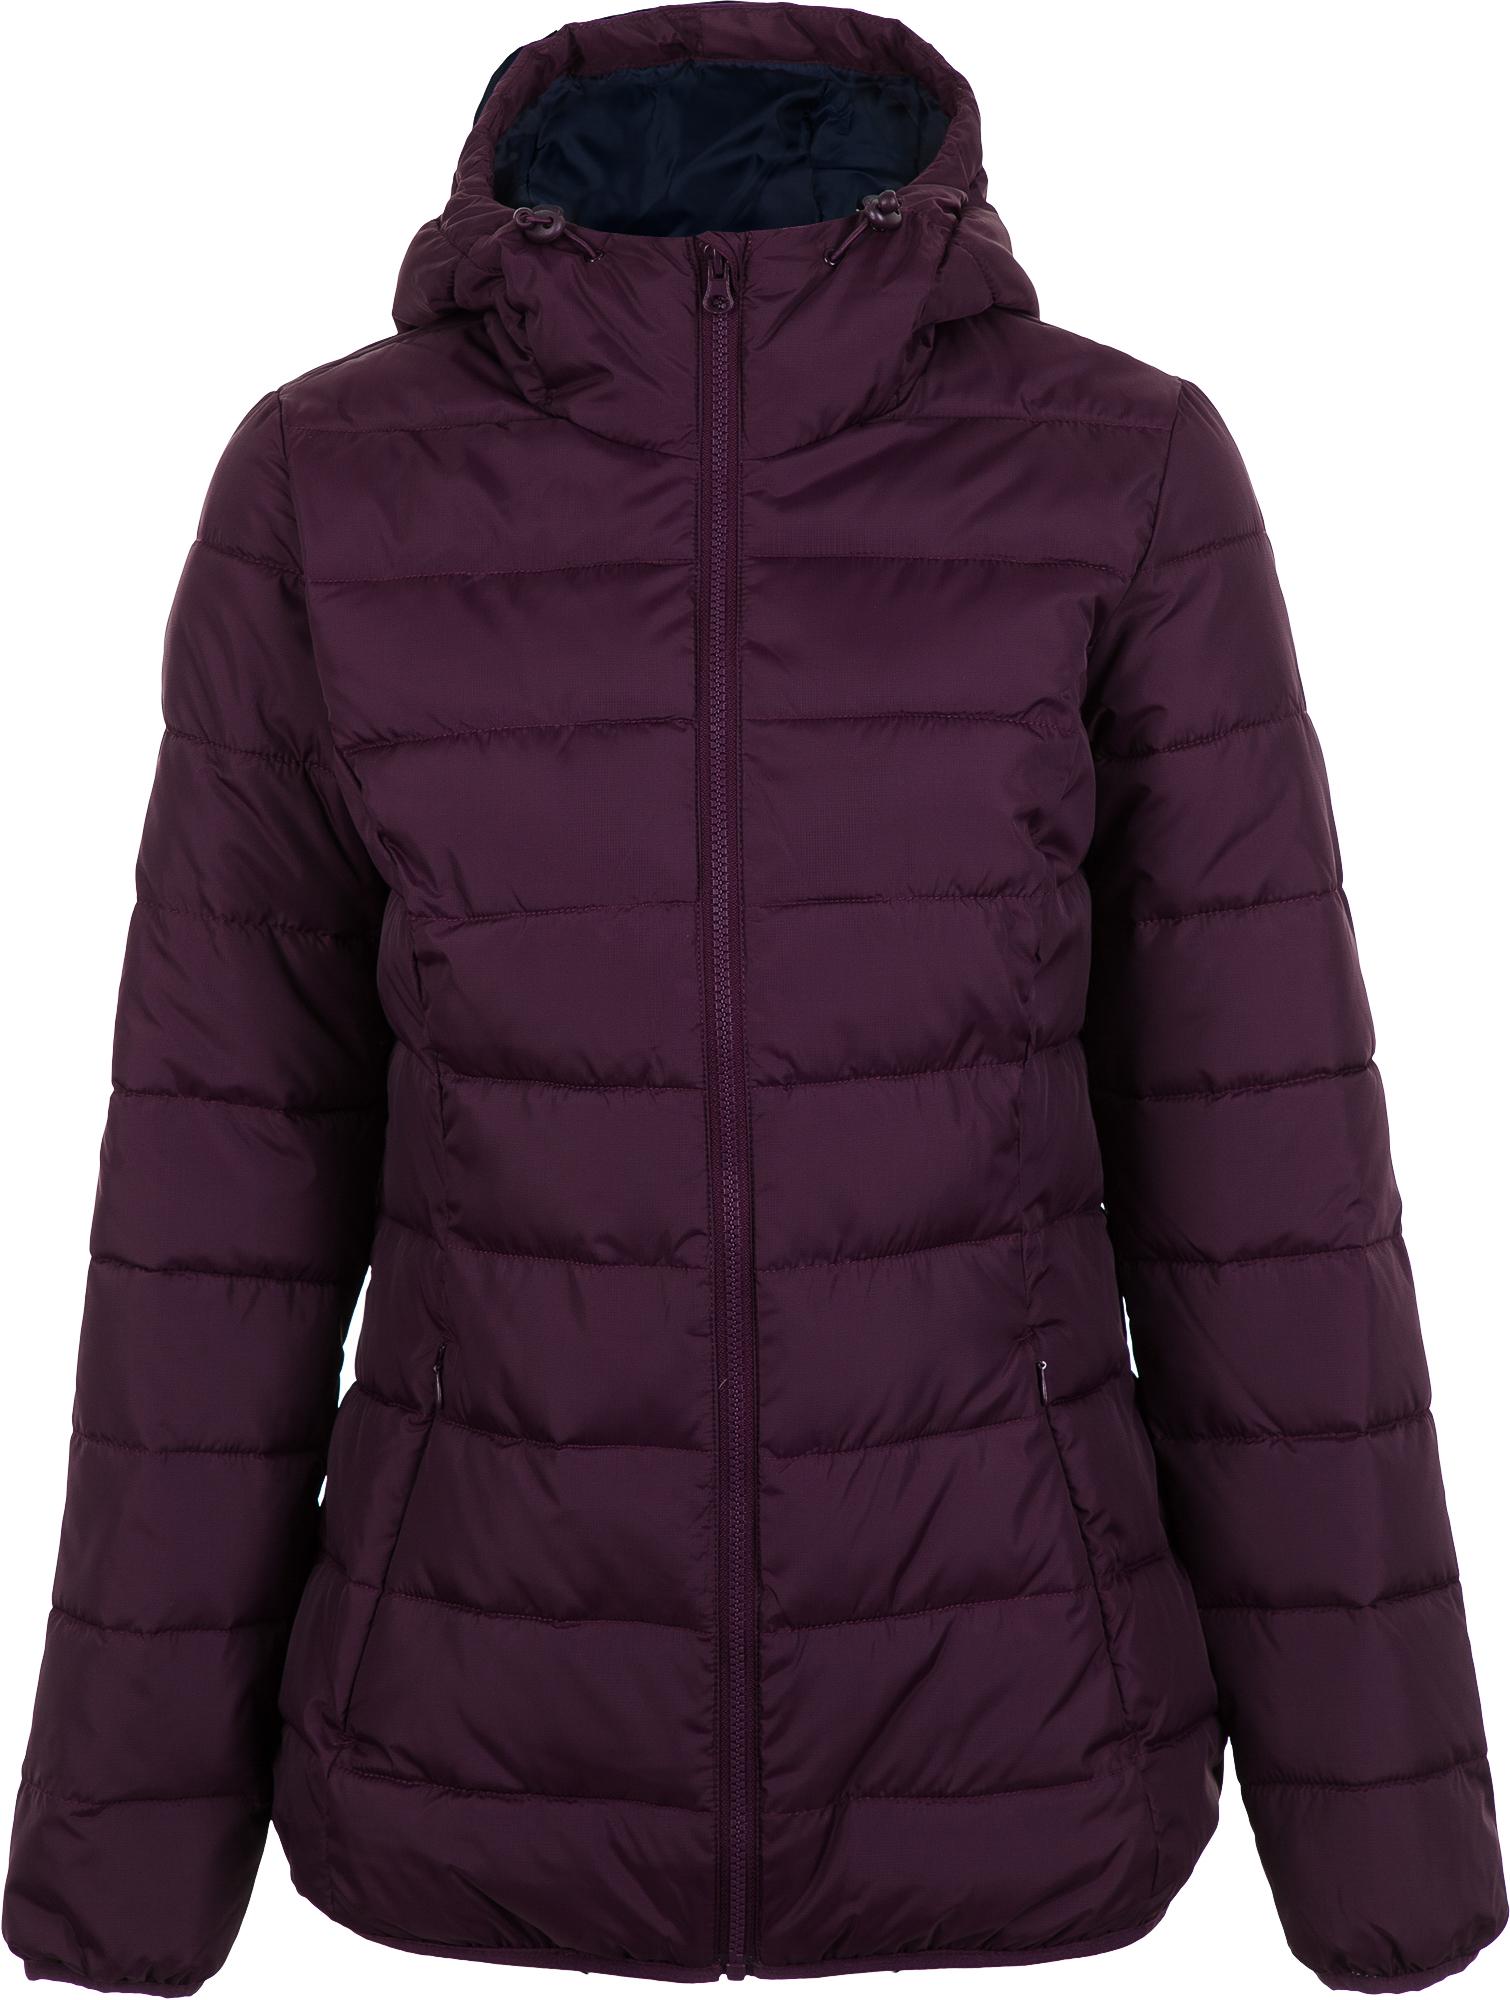 Фото - Demix Куртка утепленная женская Demix, размер 48 куртка женская trussardi цвет темно синий 36s00158 blue night размер l 46 48